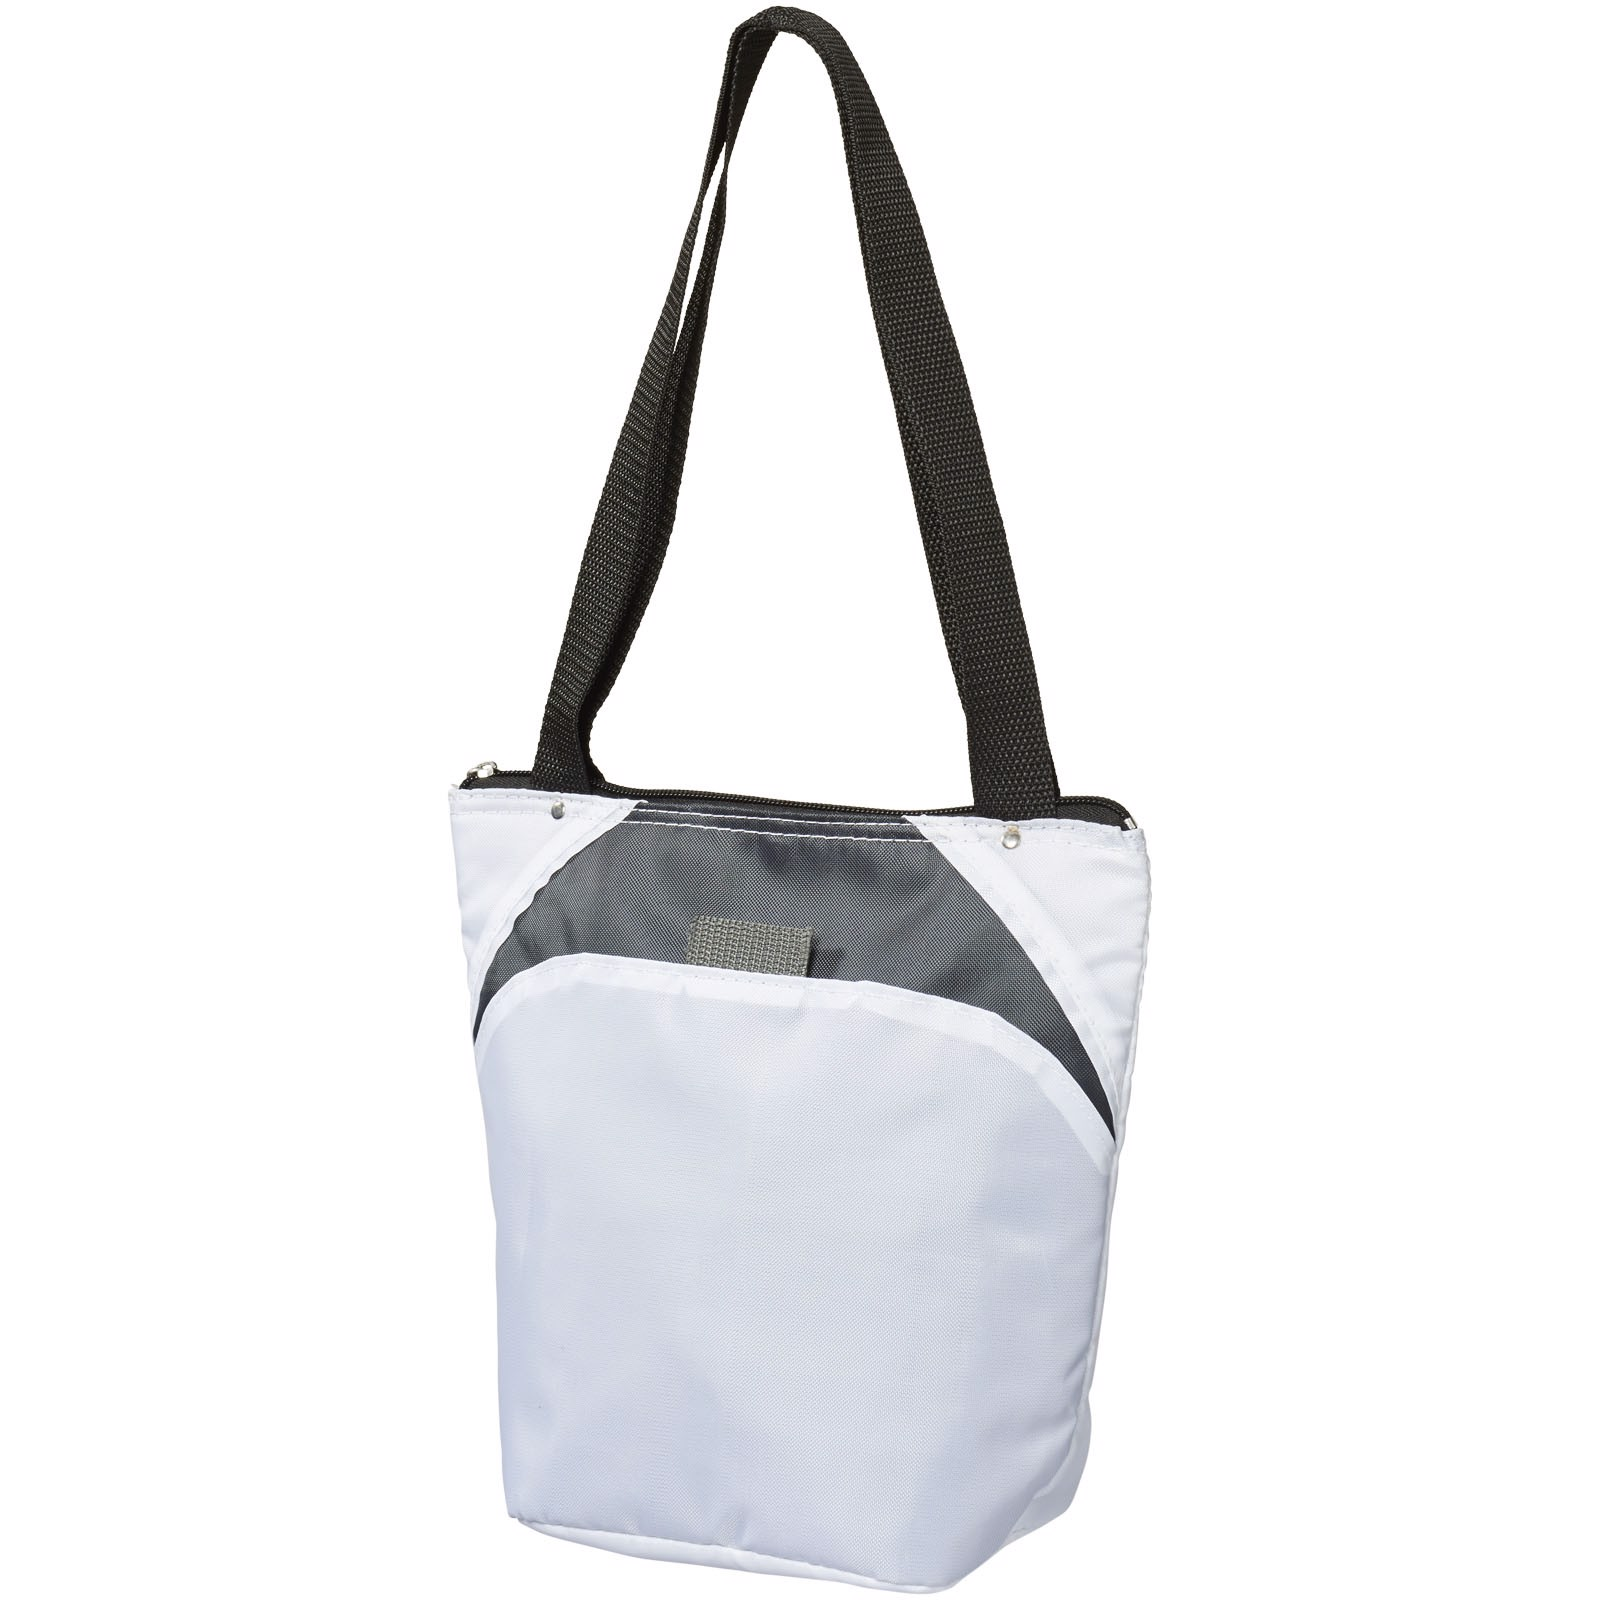 Sandviken Kühleinkaufstasche - Weiss